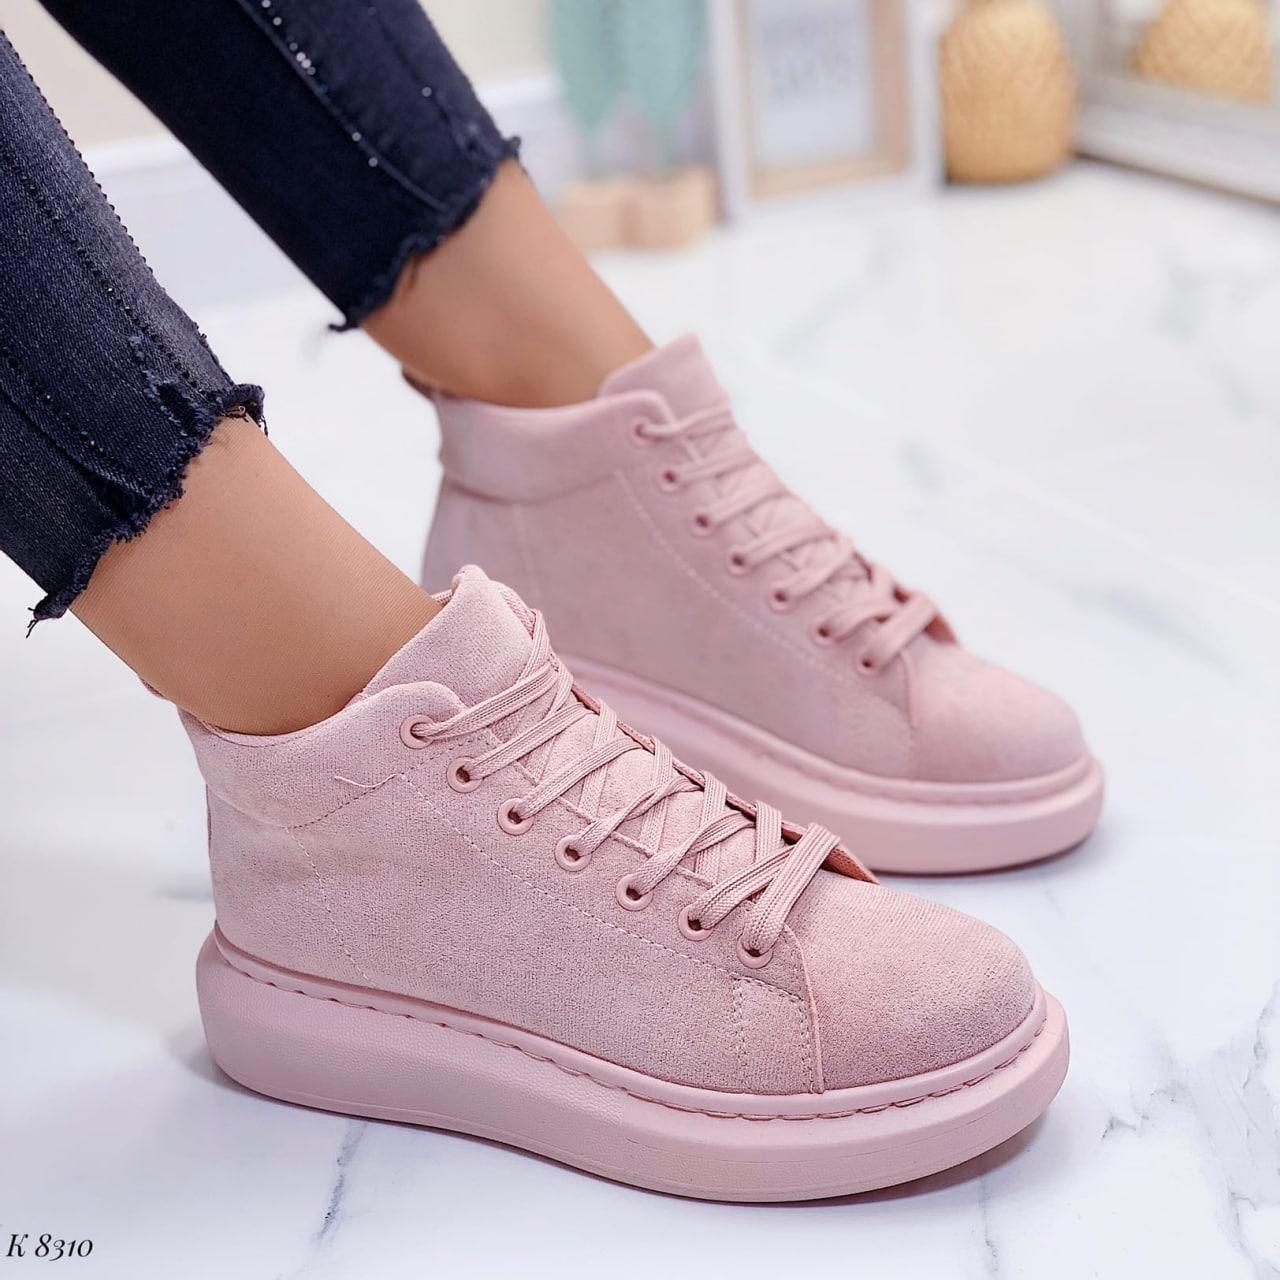 Высокие кроссовки- хайтопы женские розовые эко замш